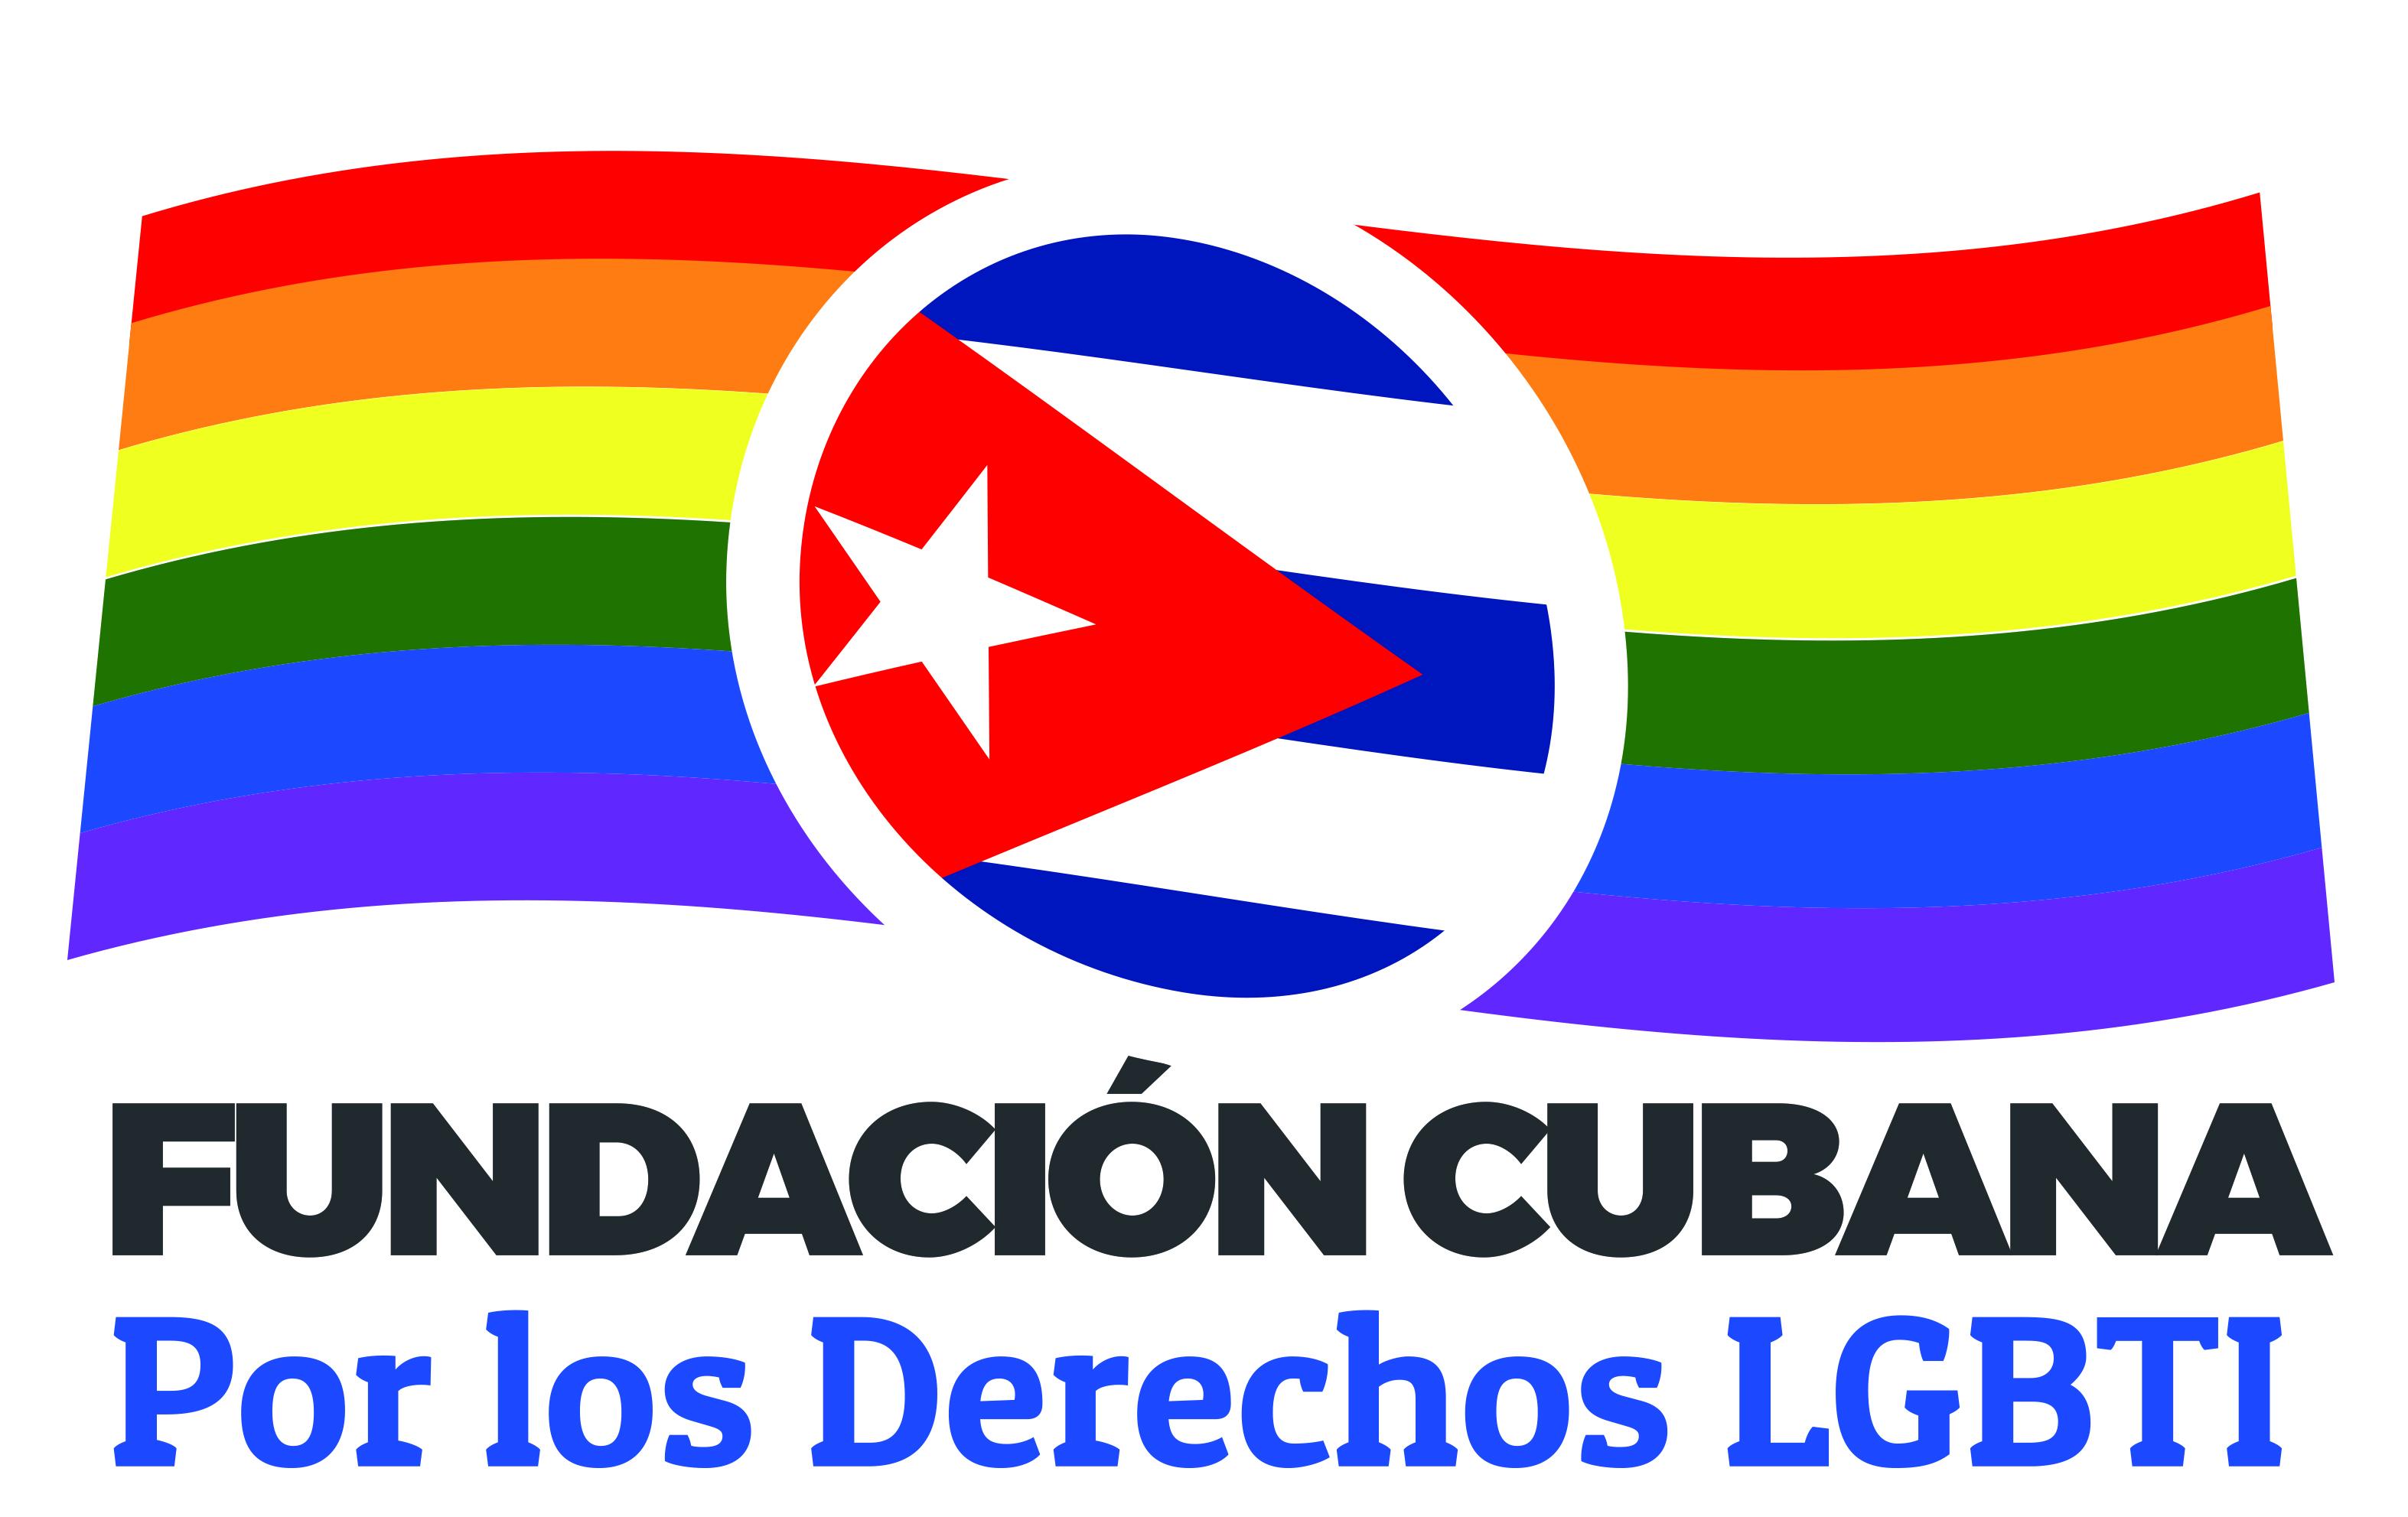 Fundación Cubana Por Los Derechos LGBTI